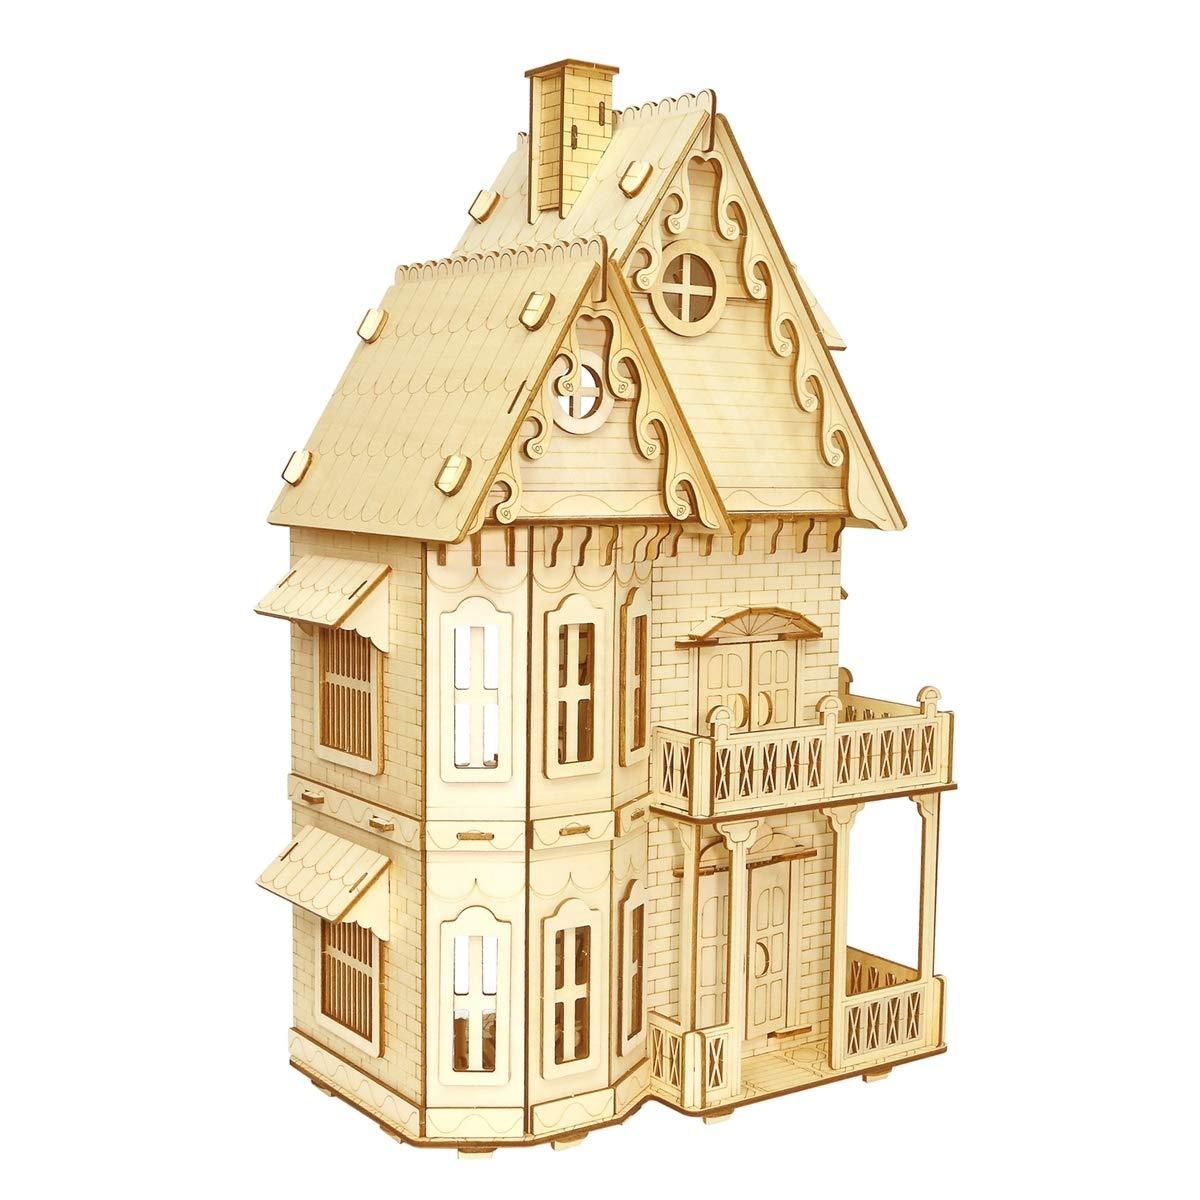 超話題新作 AHWZ 3Dパズル 3Dパズル DIY B07M8RRRH8 木製ジグソーパズル AHWZ ゴシック ヴィラ B07M8RRRH8, 家具インテリアのルームズ大正堂:e1b3bd52 --- a0267596.xsph.ru